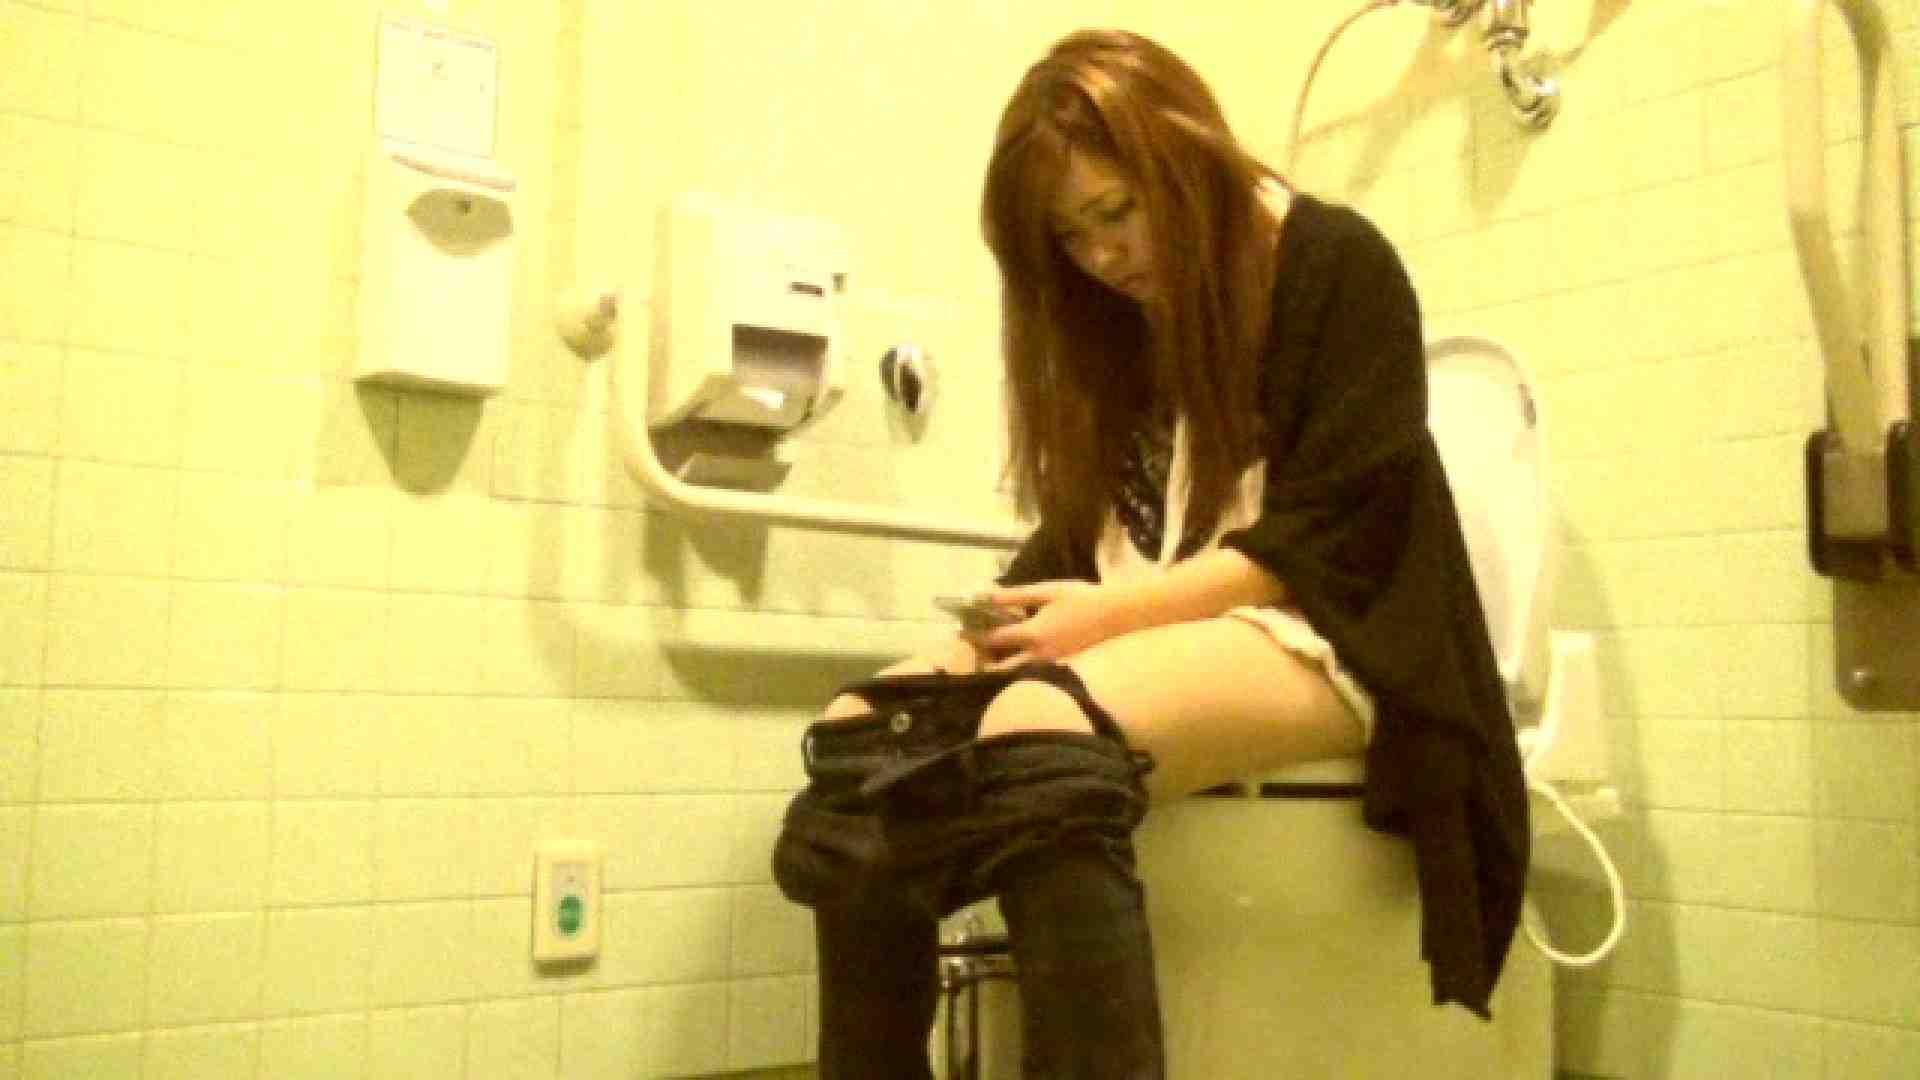 魔術師の お・も・て・な・し vol.26 19歳のバーの店員さんの洗面所をしばし… 美しいOLの裸体 | イタズラ  73pic 25